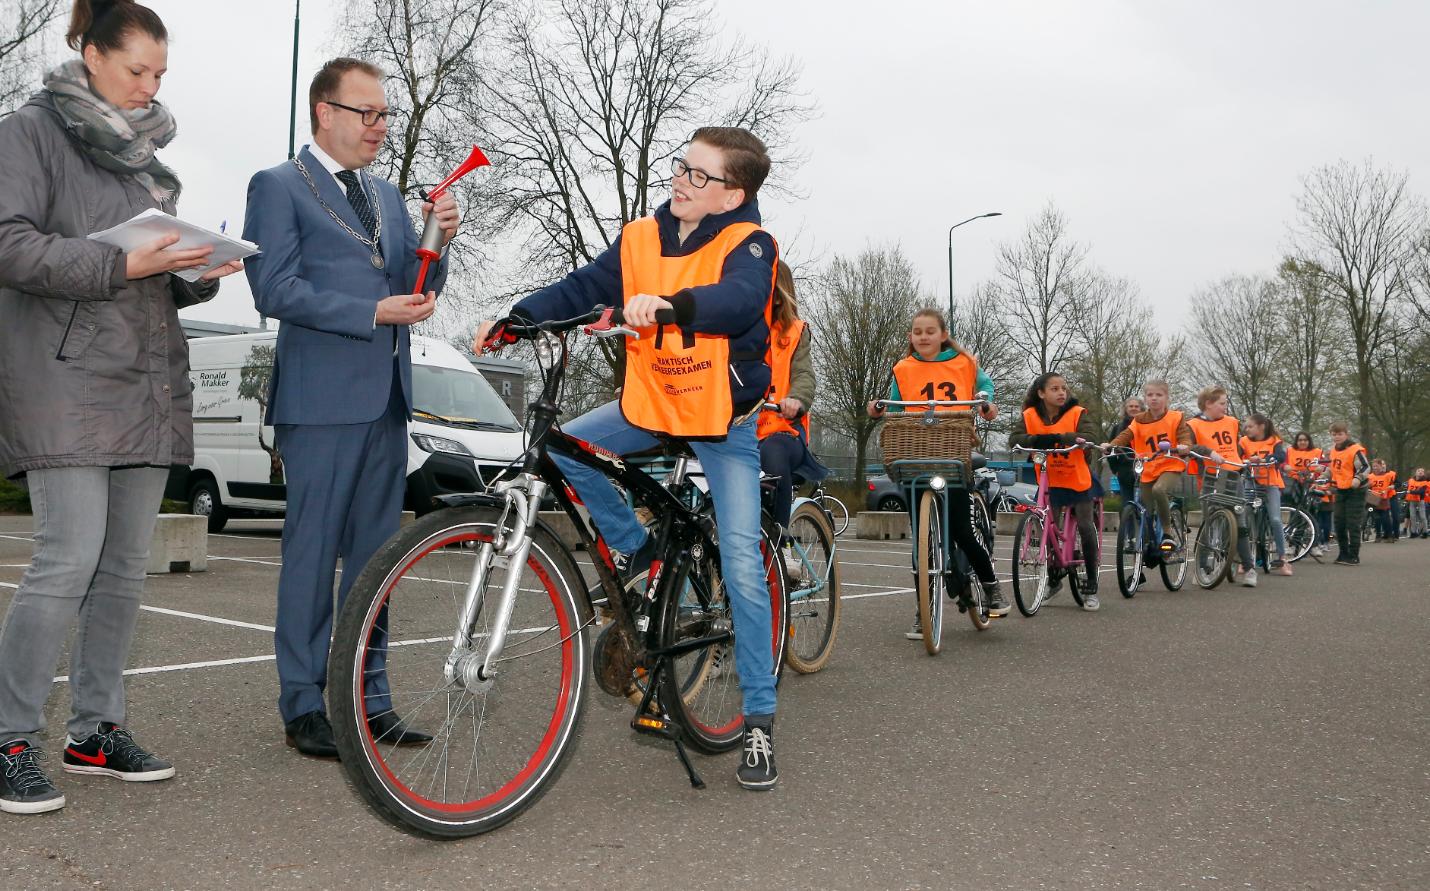 De burgemeester geeft het startsein (Foto: gemeente Eemnes)